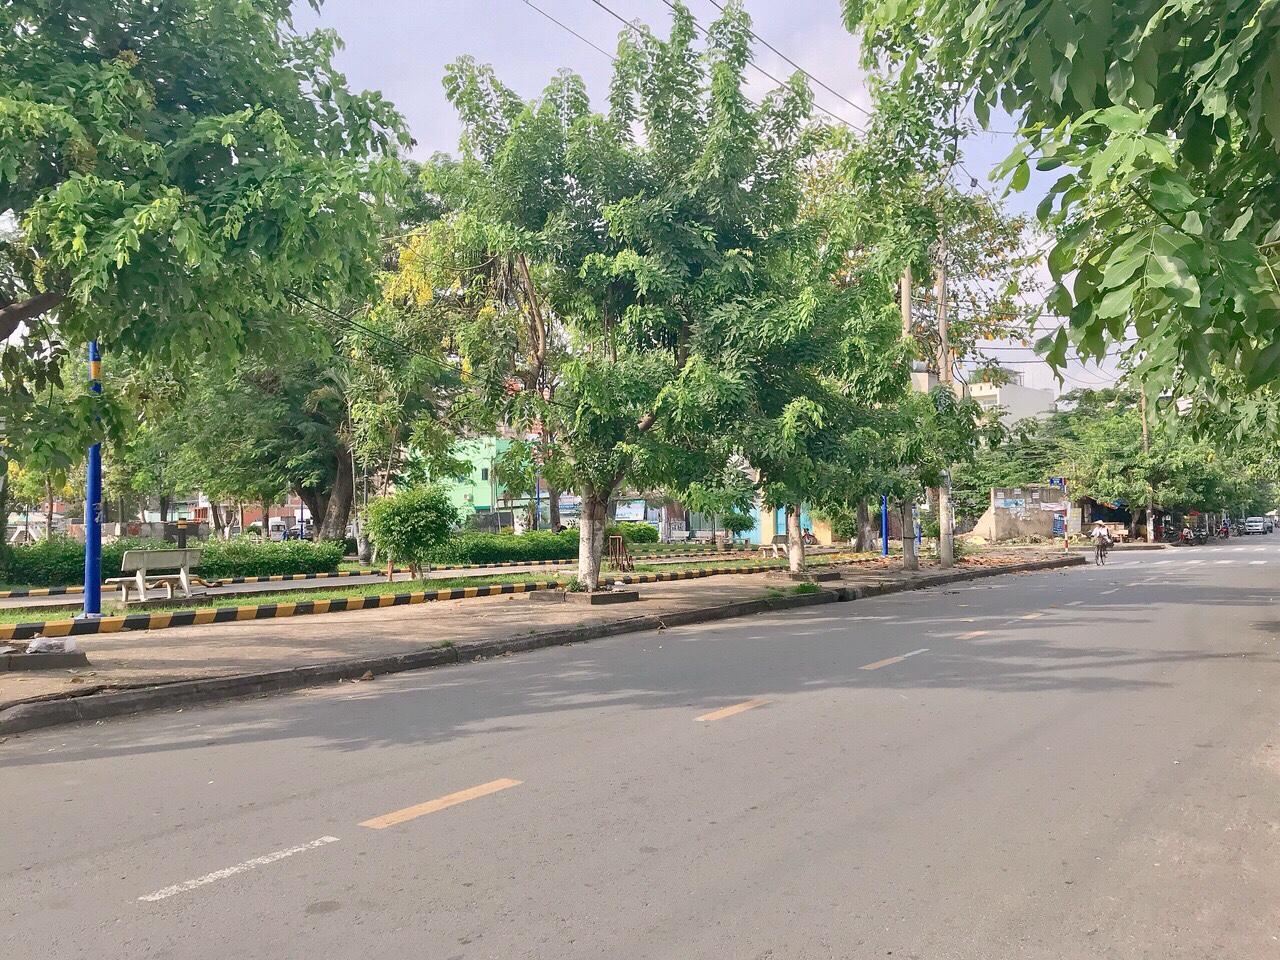 Bán nhà Mặt Tiền Nội Bộ đường Tây Thạnh Quận Tân Phú, Diện tích ngang 4m, dài 20 mét, giá 6,9 tỷ.4